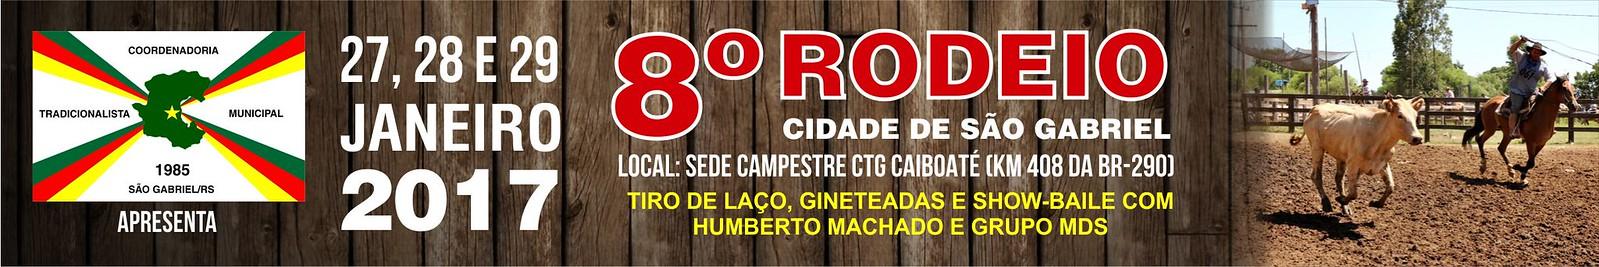 Anúncio 8º Rodeio Cidade de São Gabriel 2017